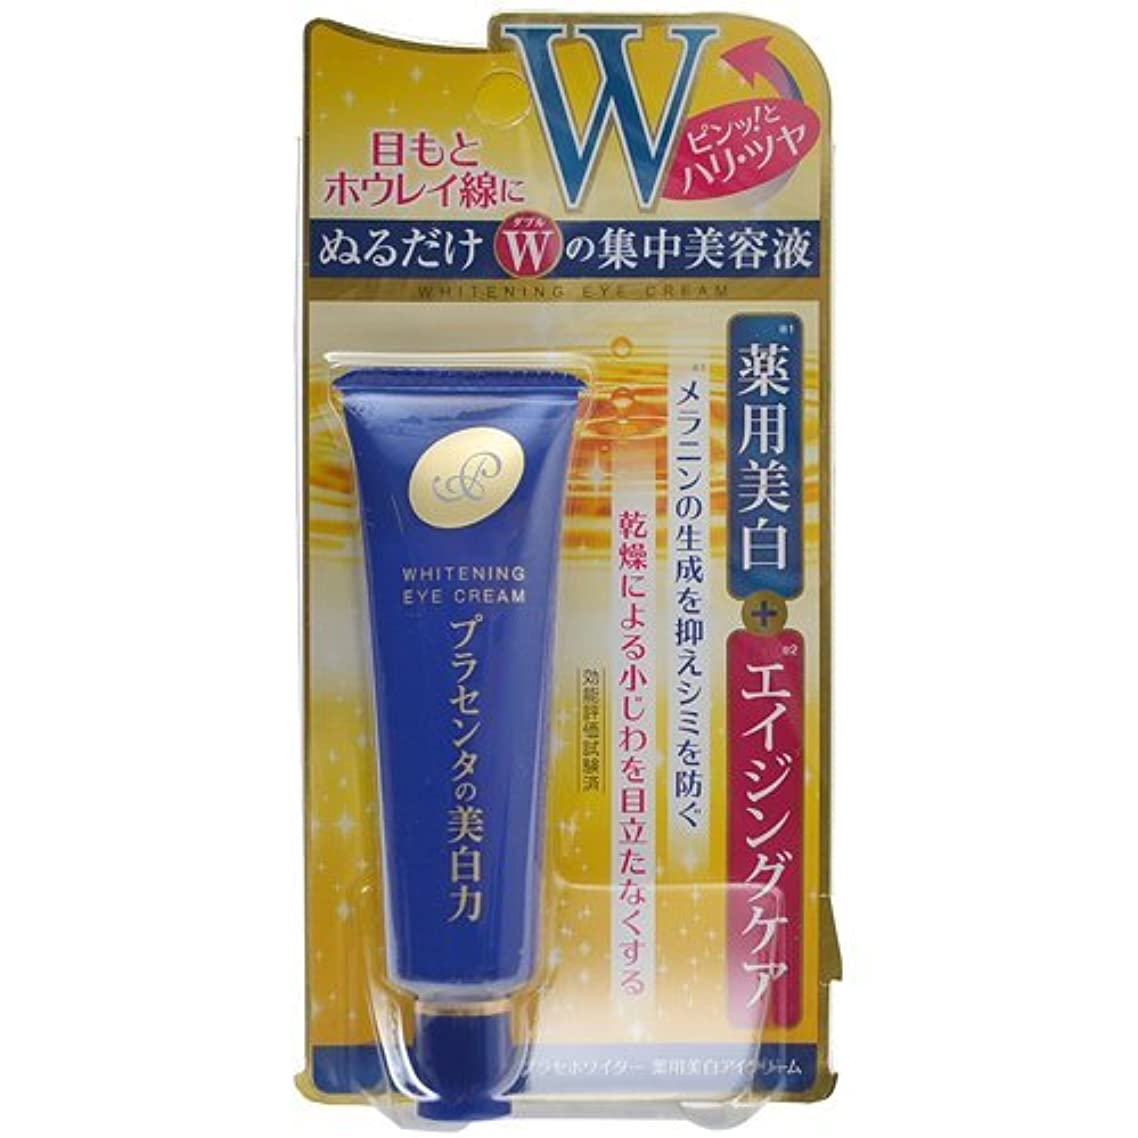 普及繁雑配当【セット品】プラセホワイター 薬用美白アイクリーム 30g (医薬部外品) ×6個